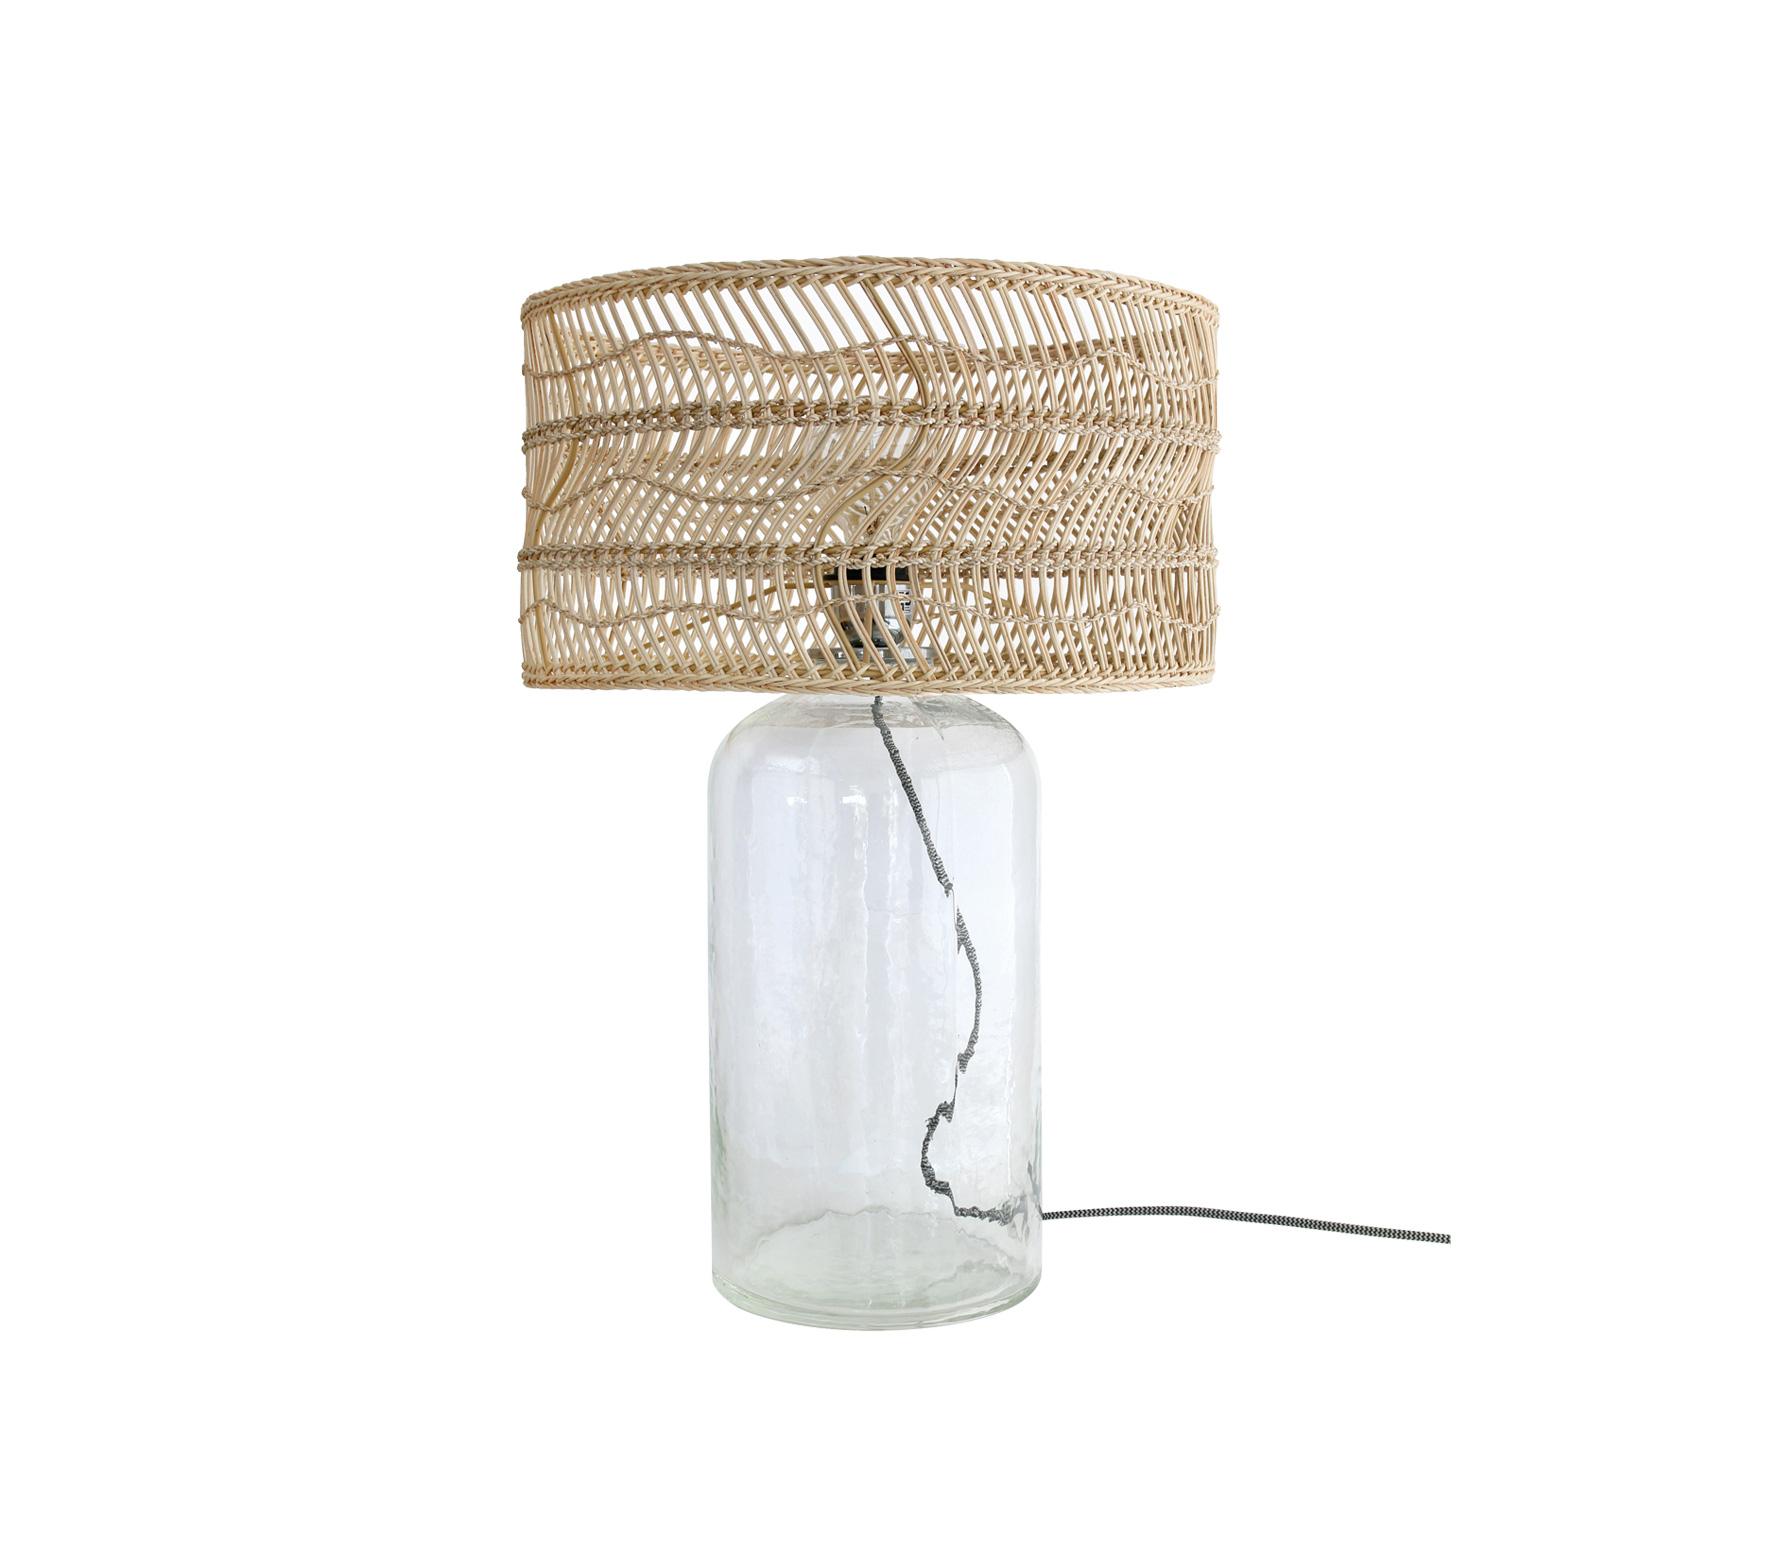 HKLiving Wicker rieten fles tafellamp vrijstaand